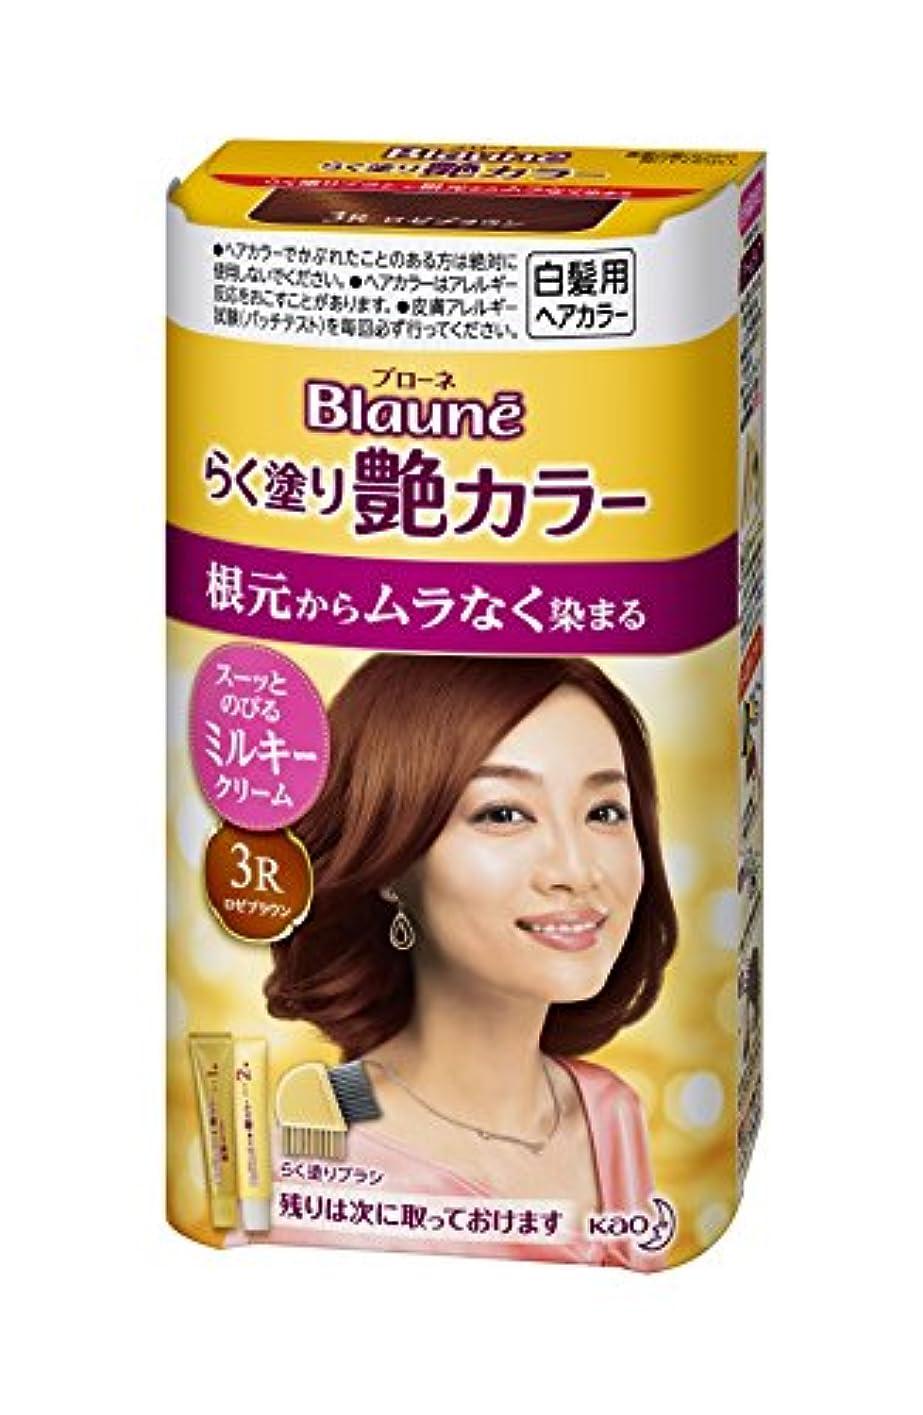 食用感度山ブローネ らく塗り艶カラー 3R 100g [医薬部外品]